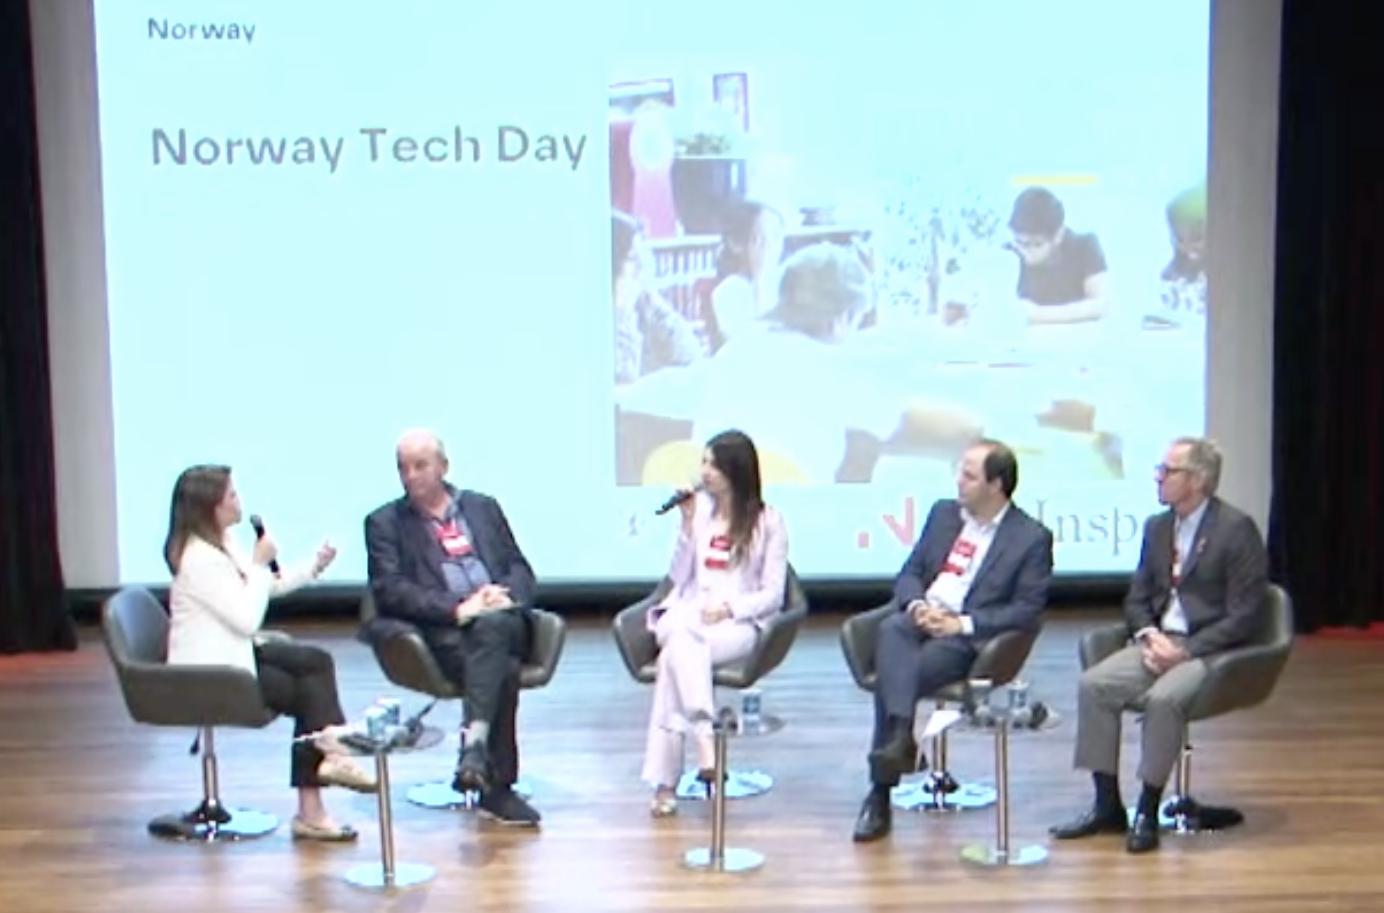 Cinco pessoas sentadas em cadeiras no palco, duas mulheres e três homens. Atrás deles, um telão com o título do evento.